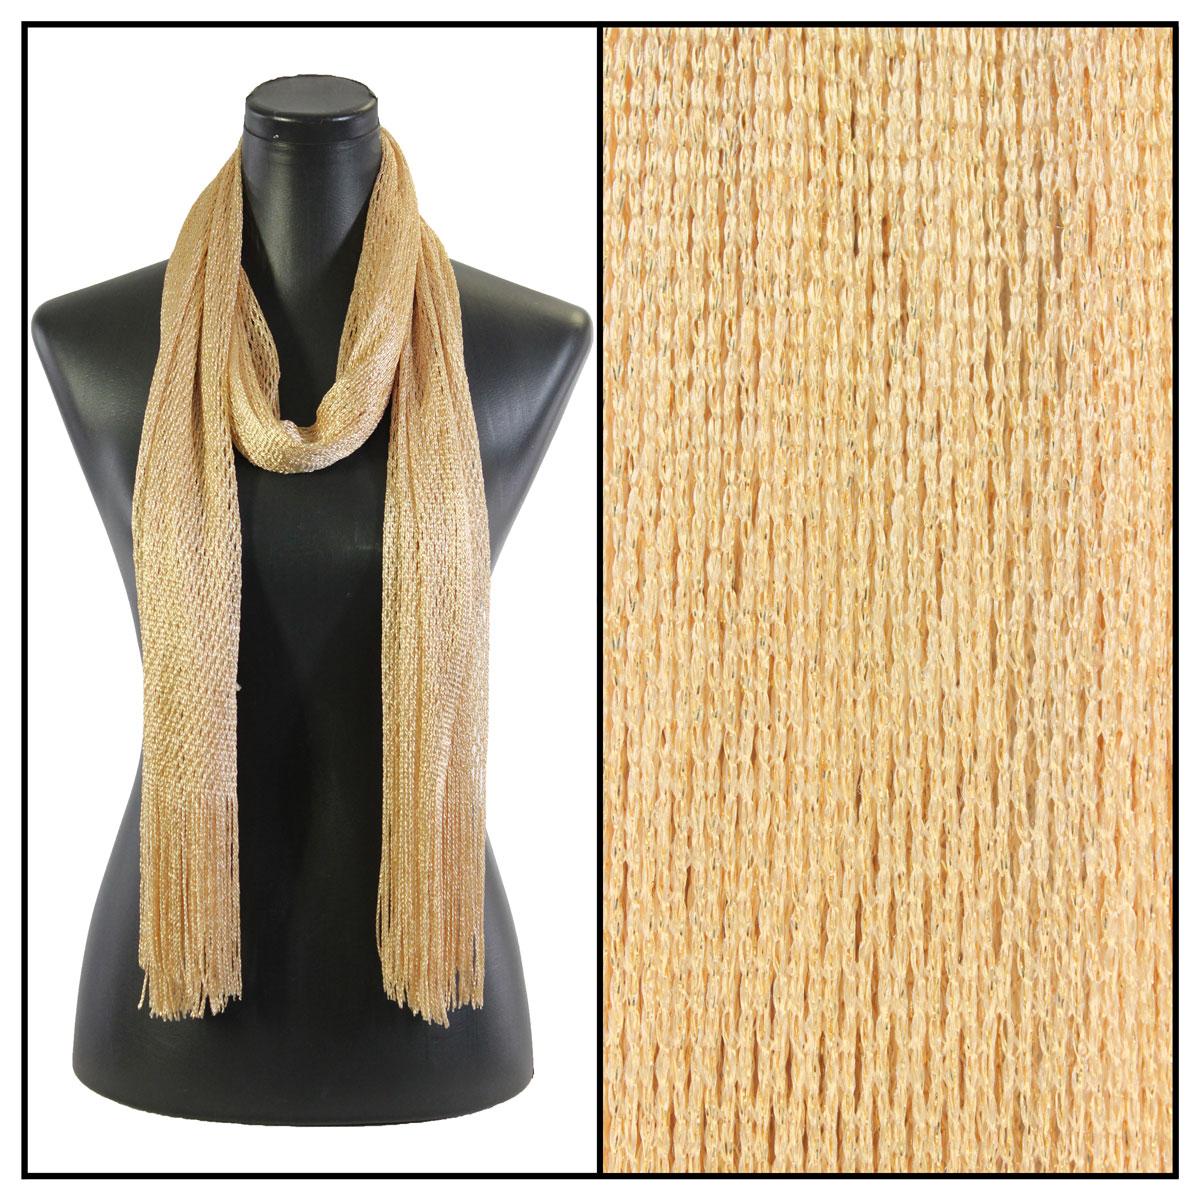 Oblong Scarves - Metallic Fishnet 74